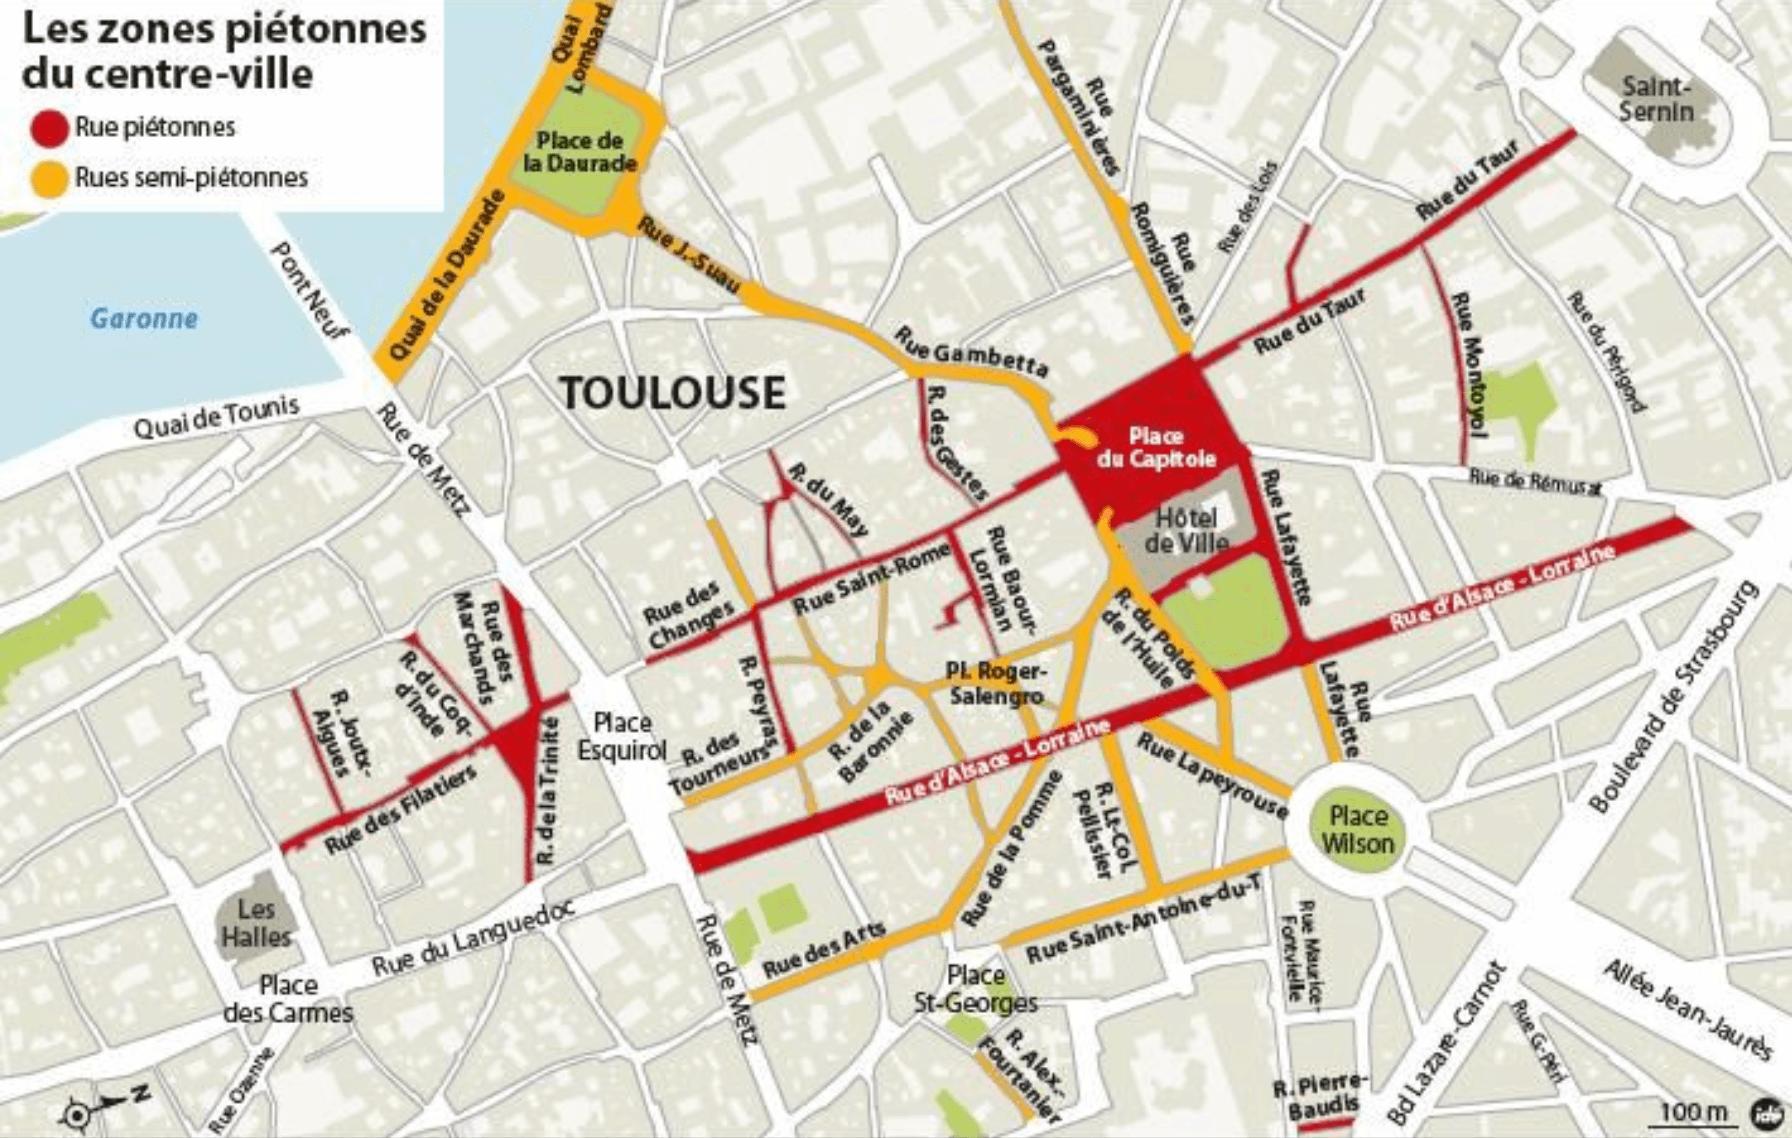 La piétonnisation du centre-ville de Toulouse